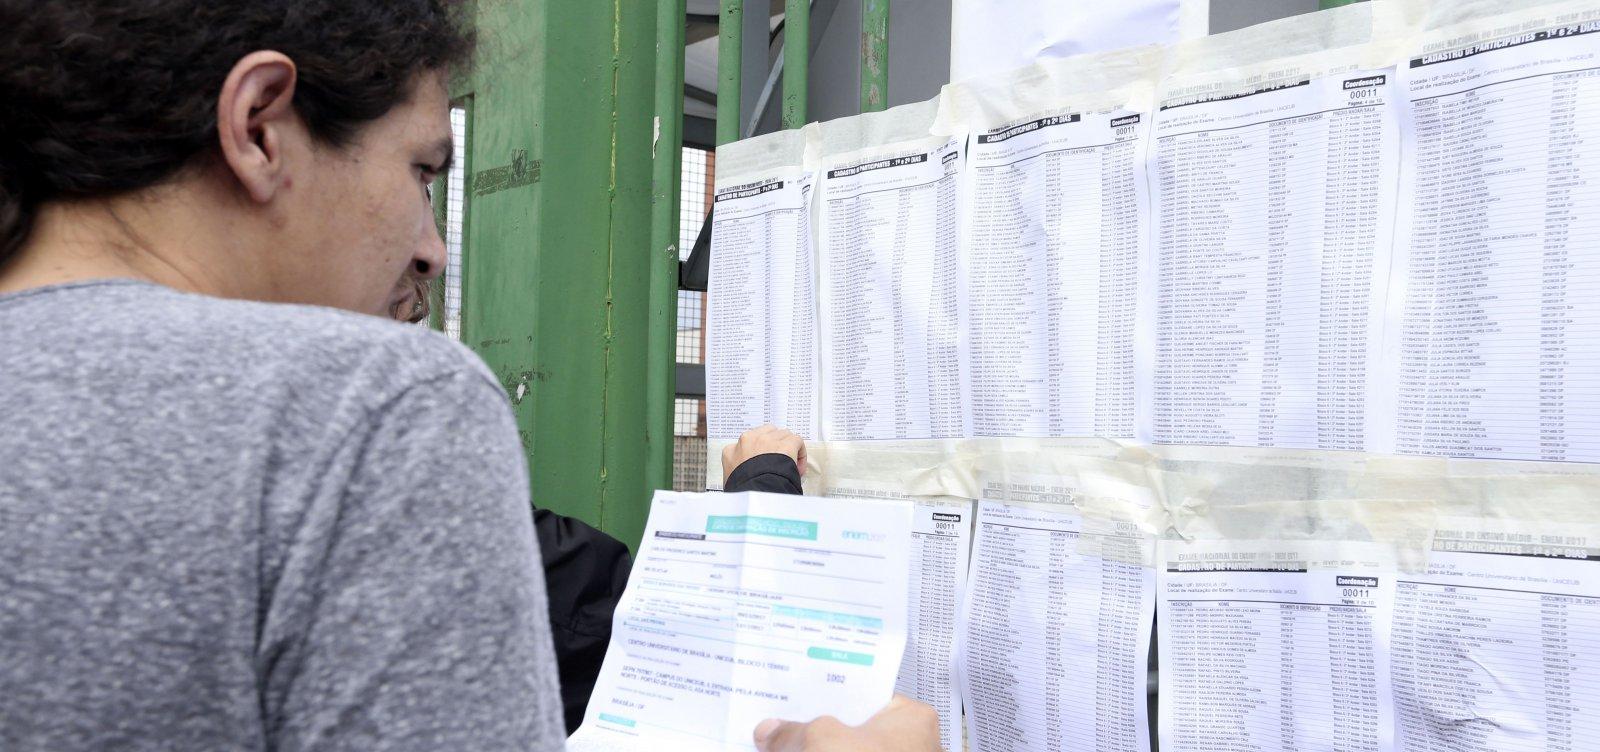 [Em dois anos, Bahia registra redução de 40% nas inscrições para o Enem]